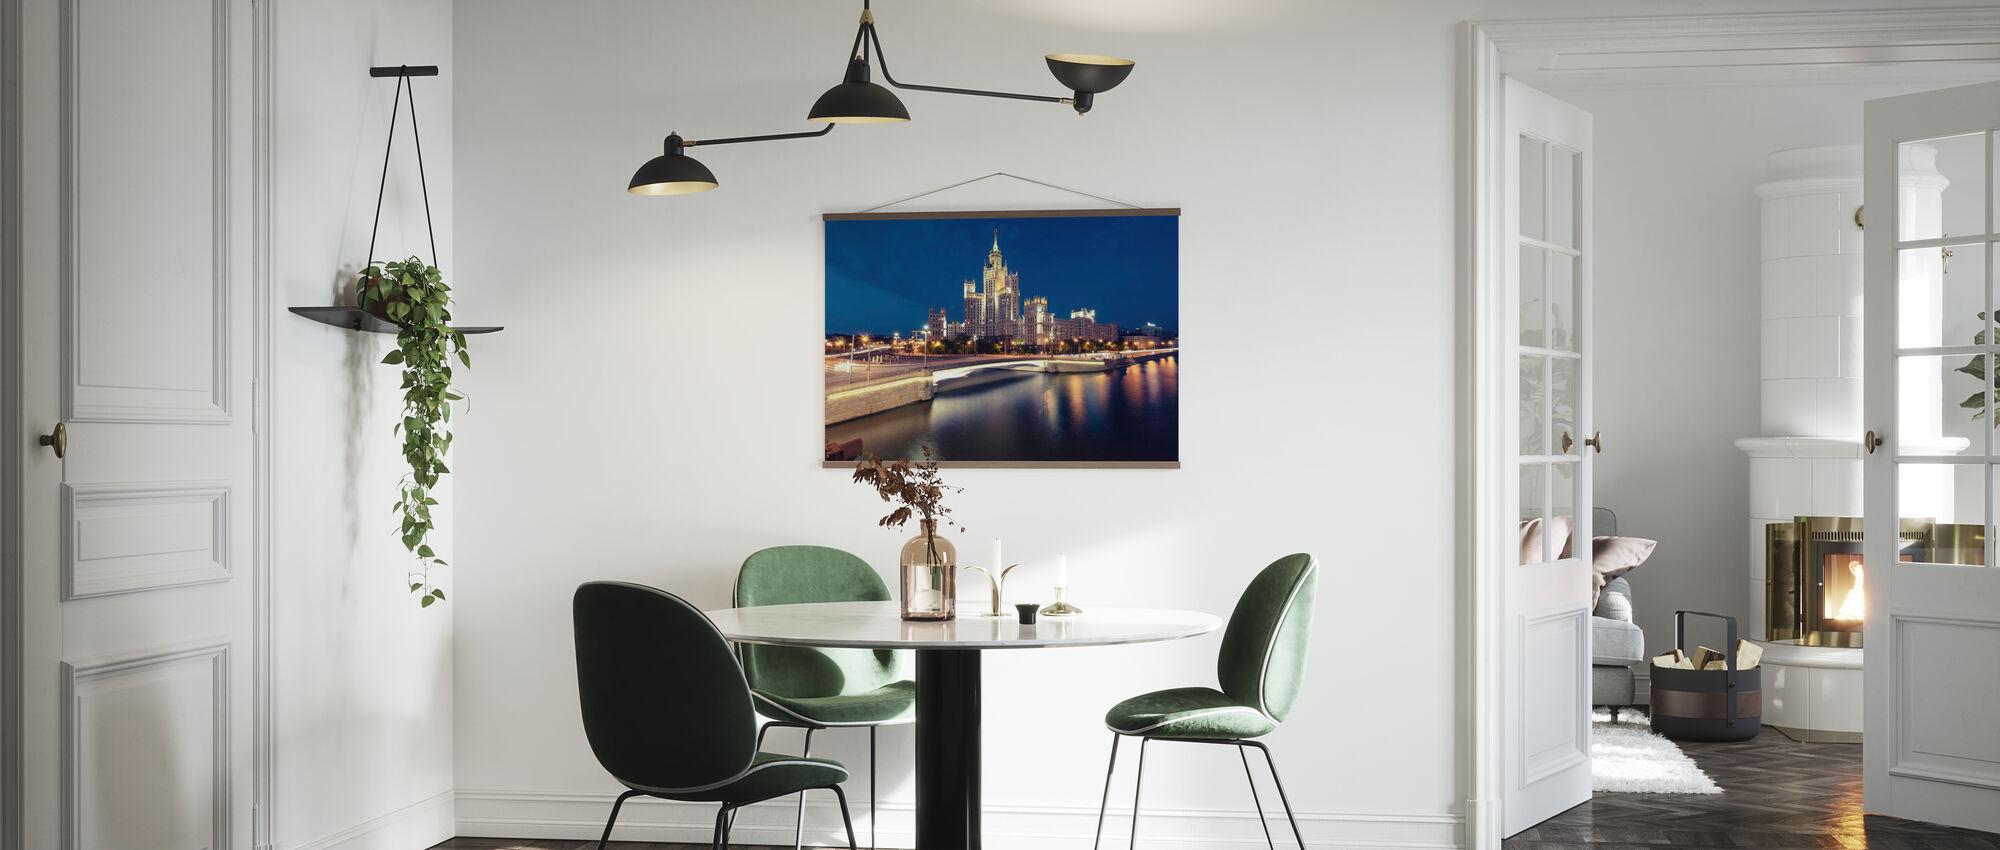 Kotelnicheskaya Deich Gebäude - Poster - Küchen